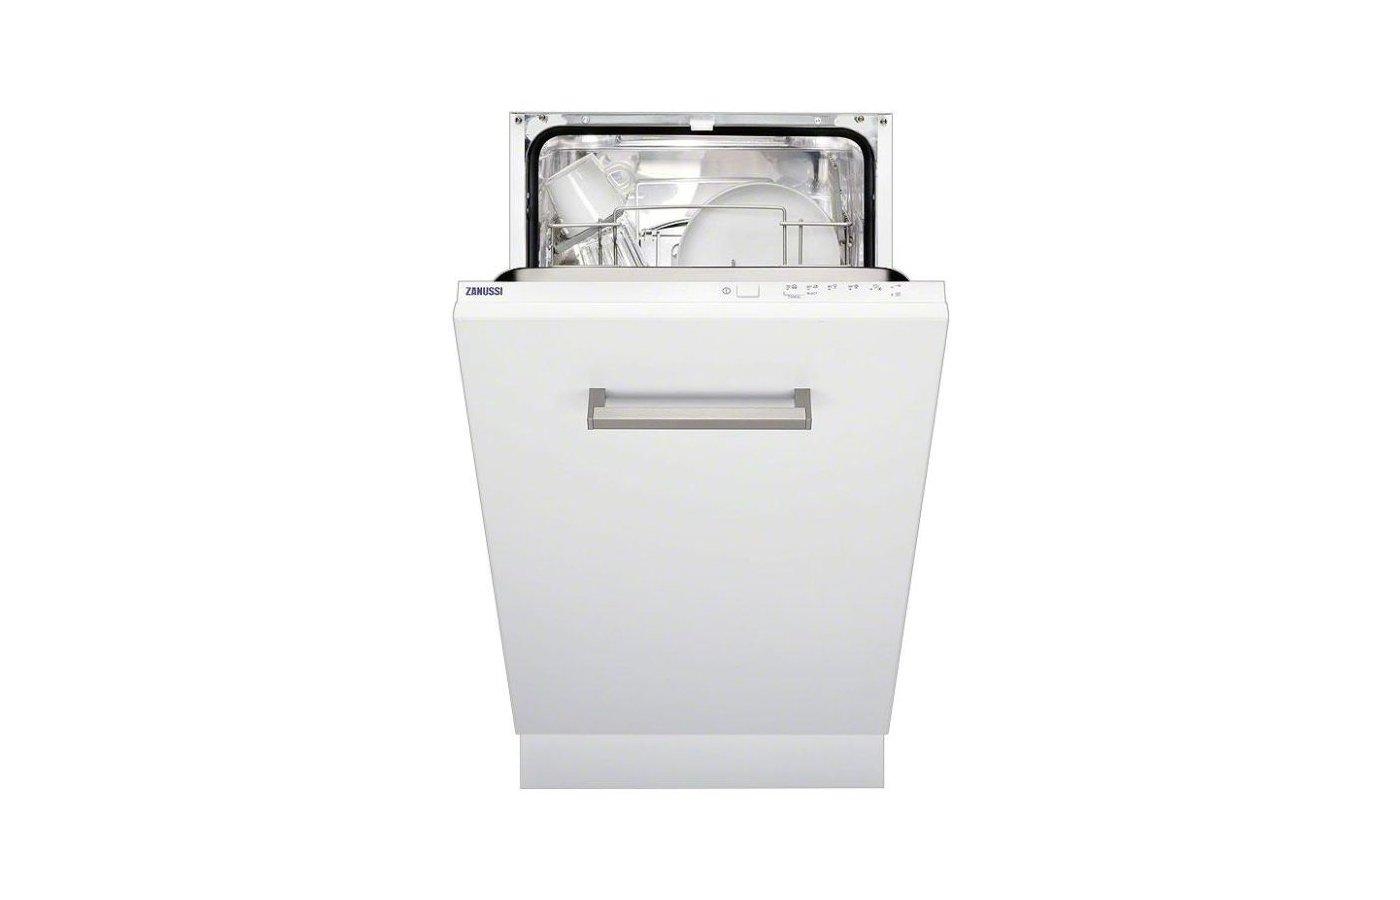 Встраиваемая посудомоечная машина ZANUSSI ZDTS105